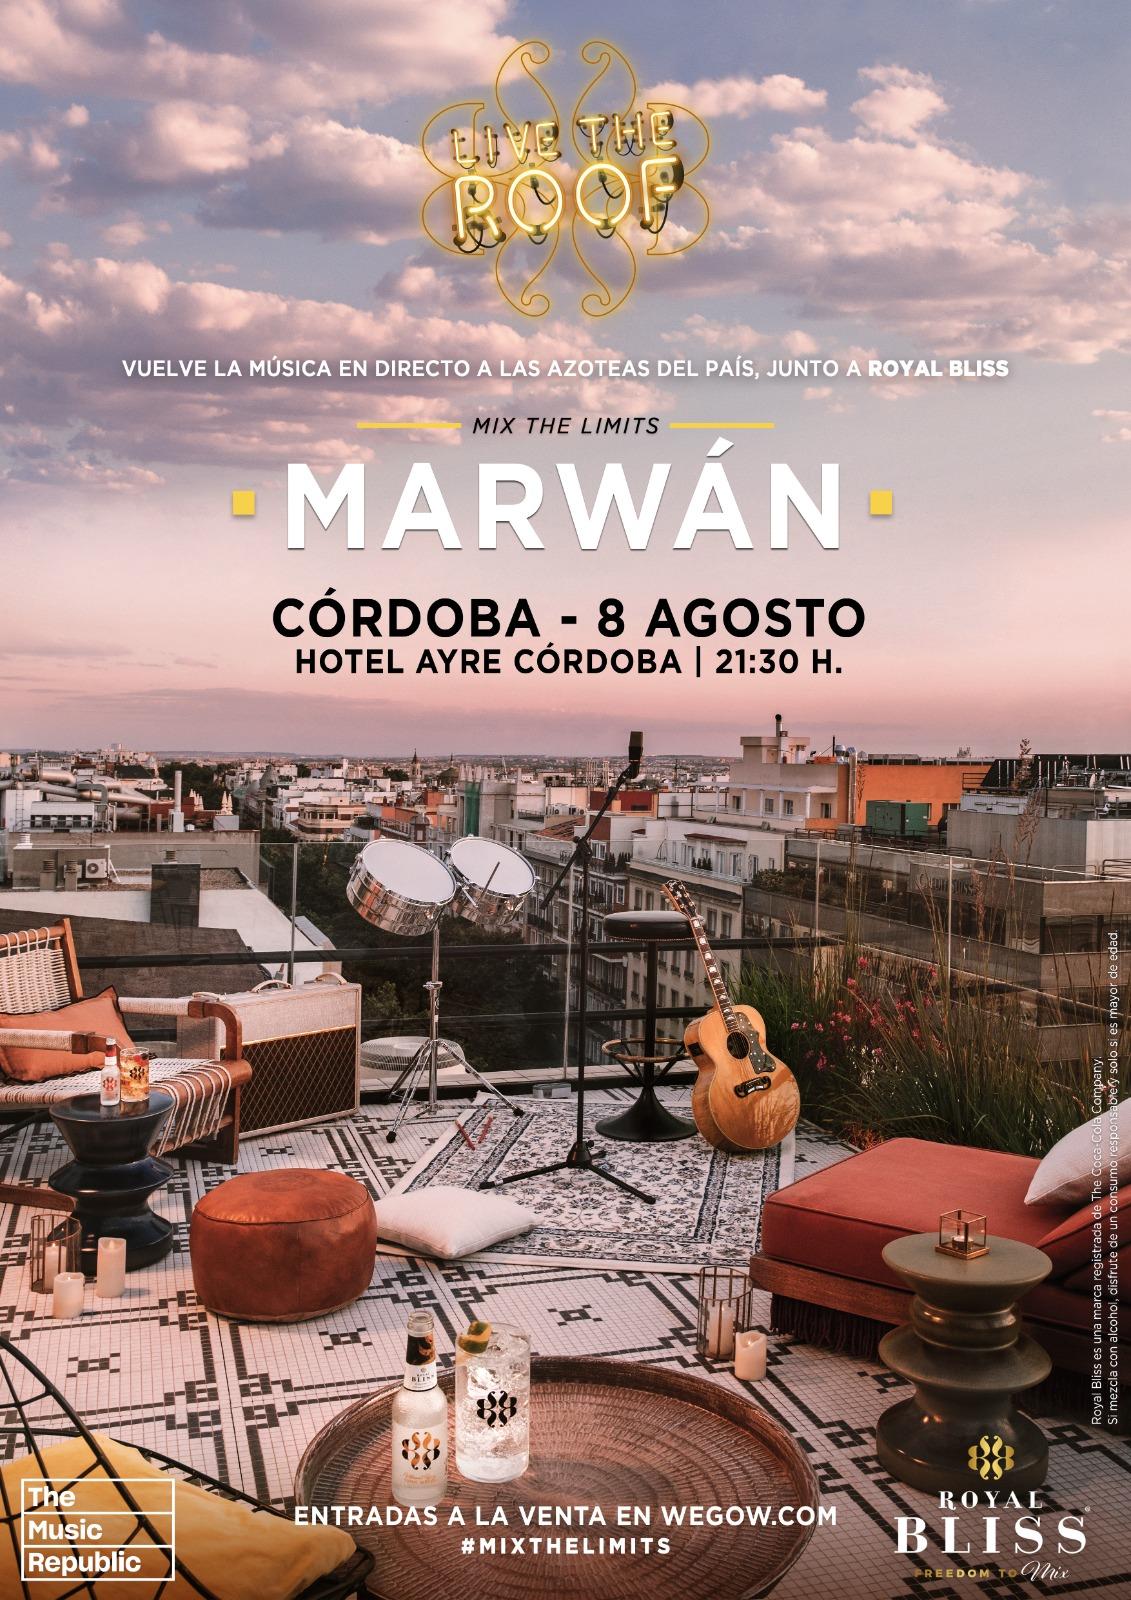 marwan en live the roof cordoba 16238348661781797